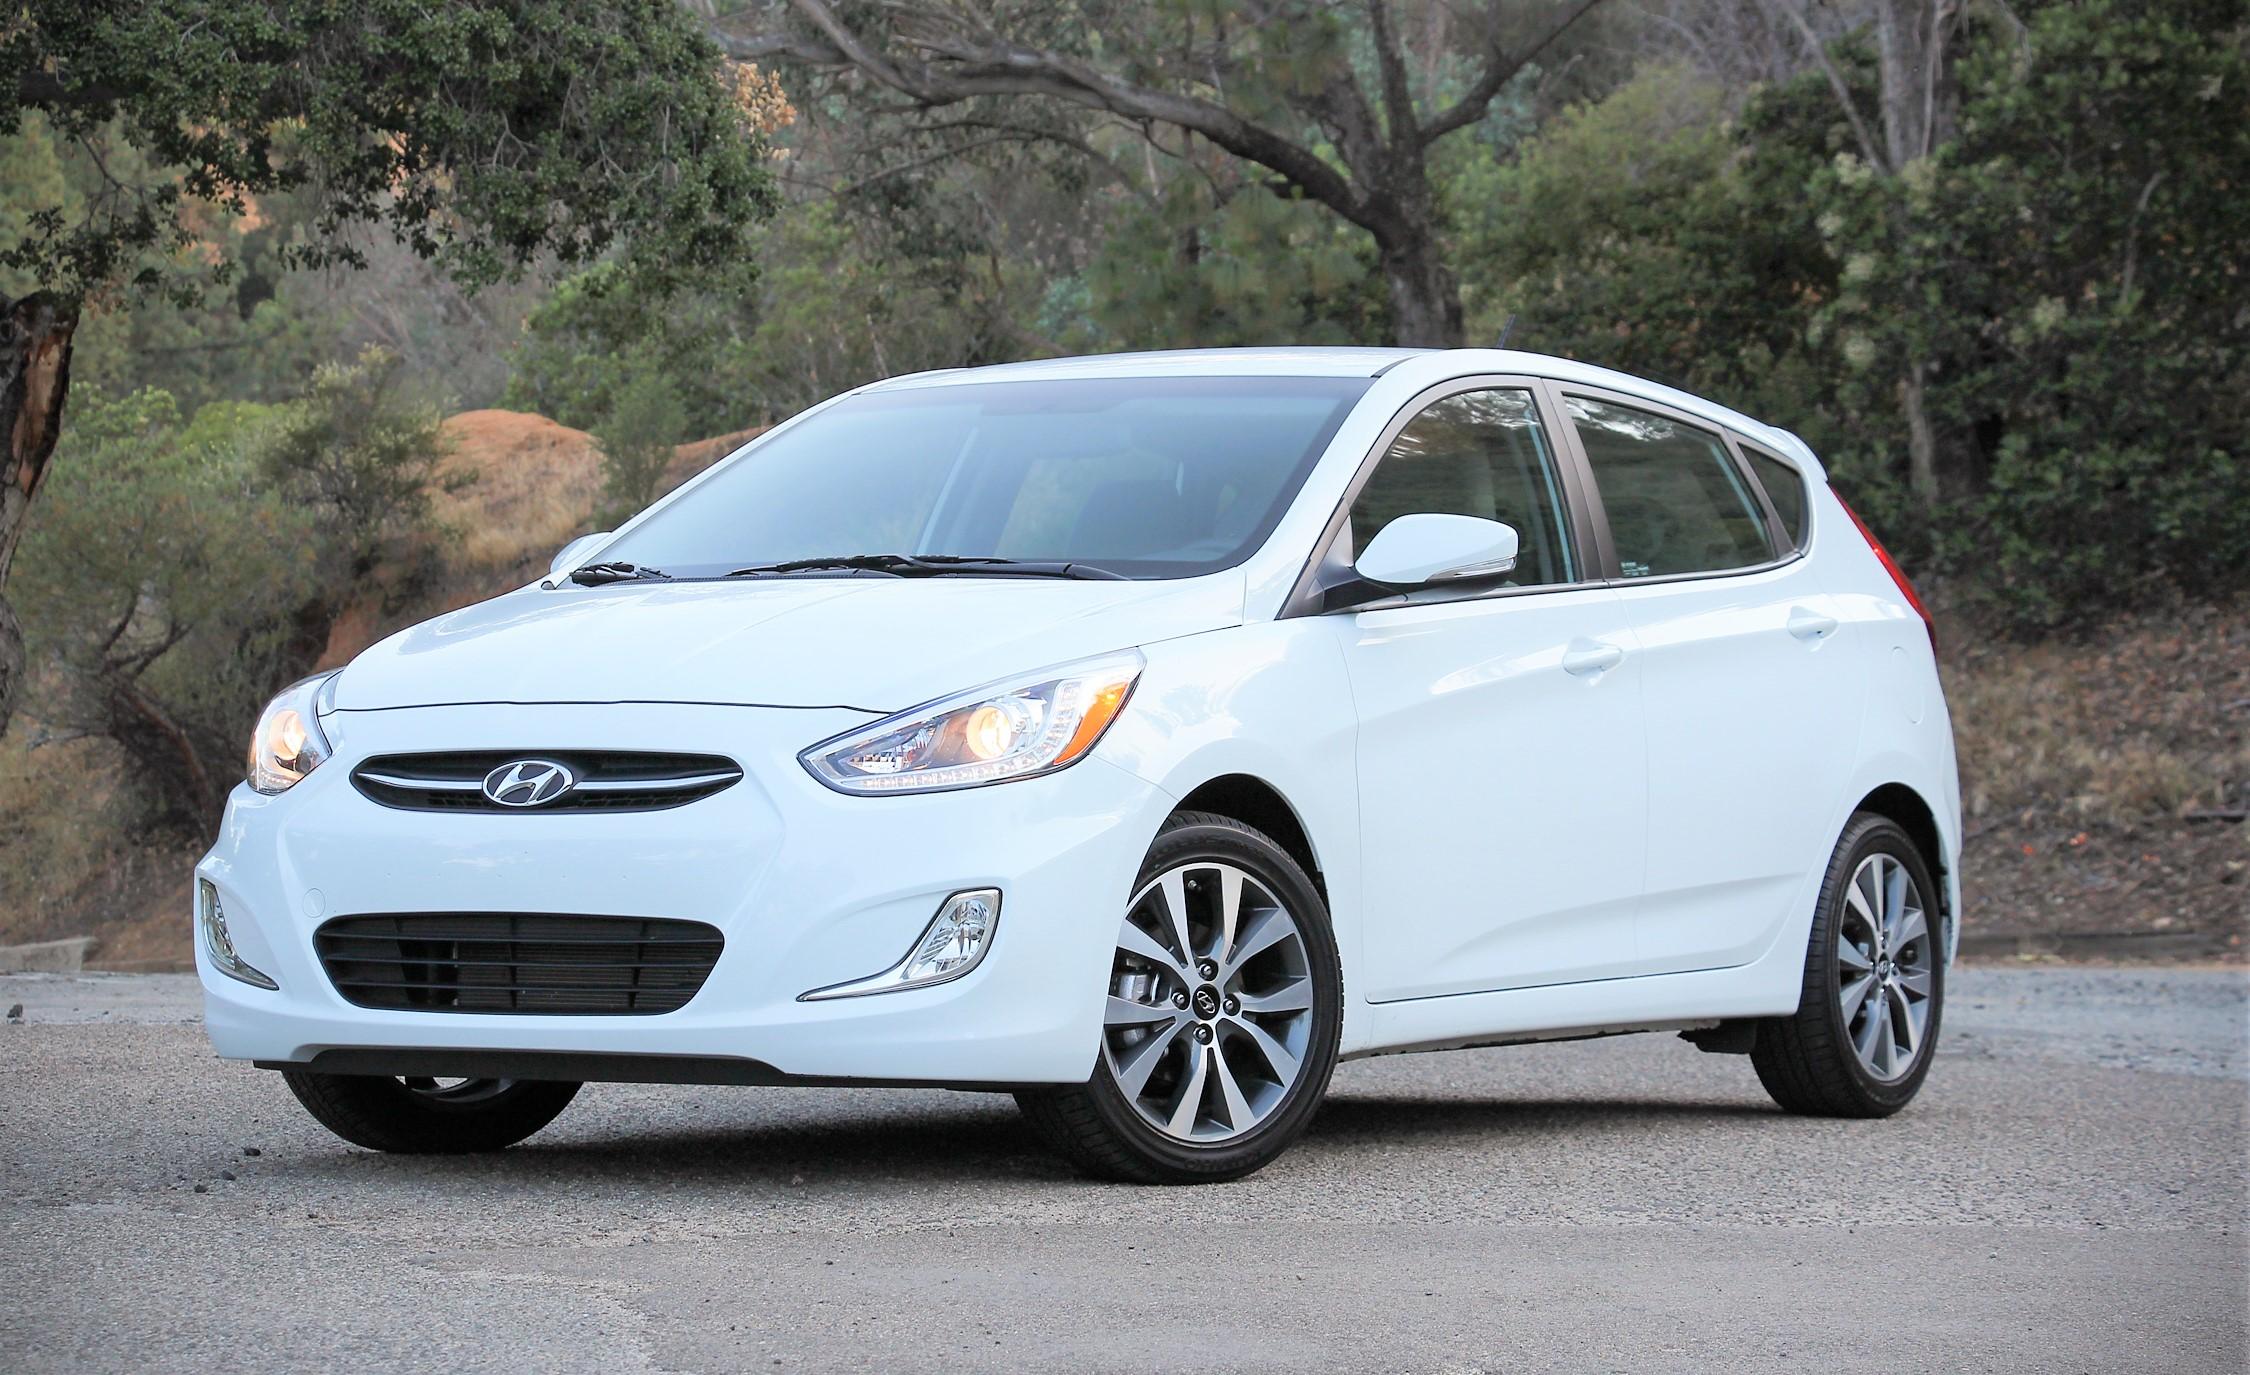 Picture of CarNextDoor's 2016 Hyundai Accent